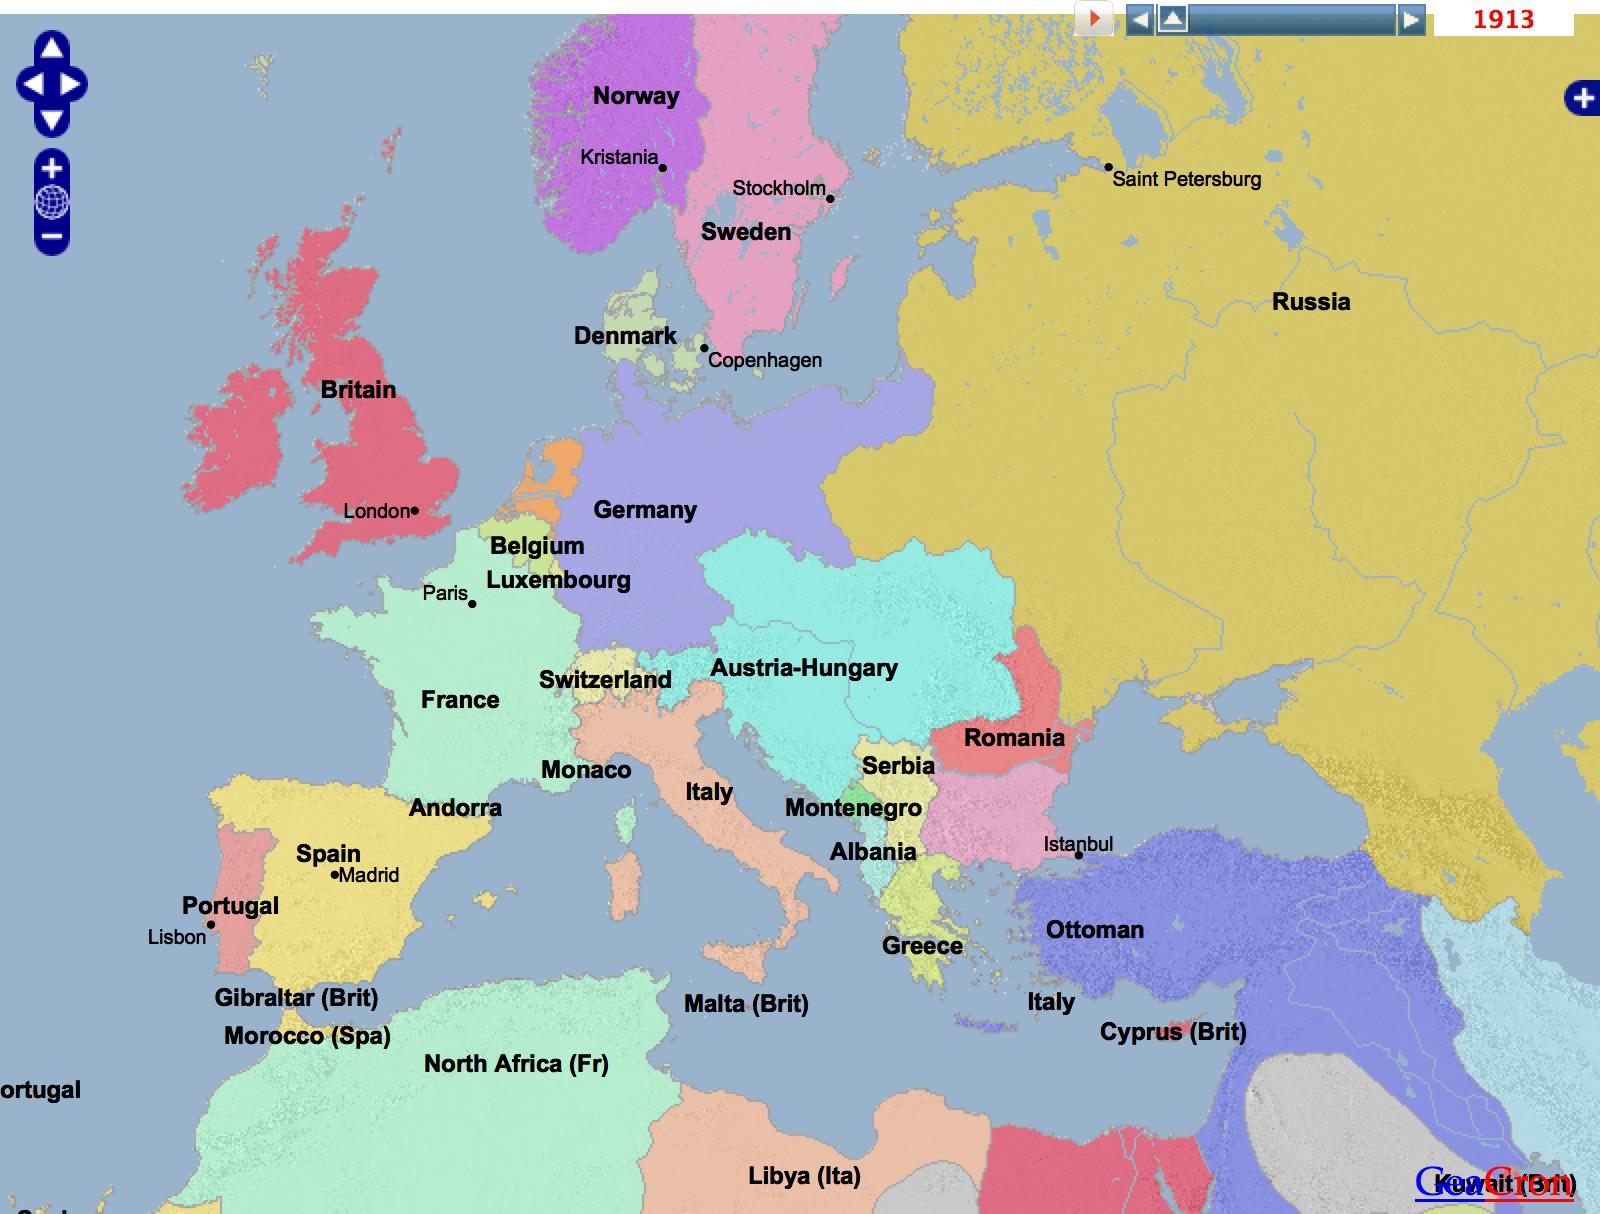 Karta Europa Andra Varldskriget.Forsta Varldskriget I Den Spanska Laroplanen